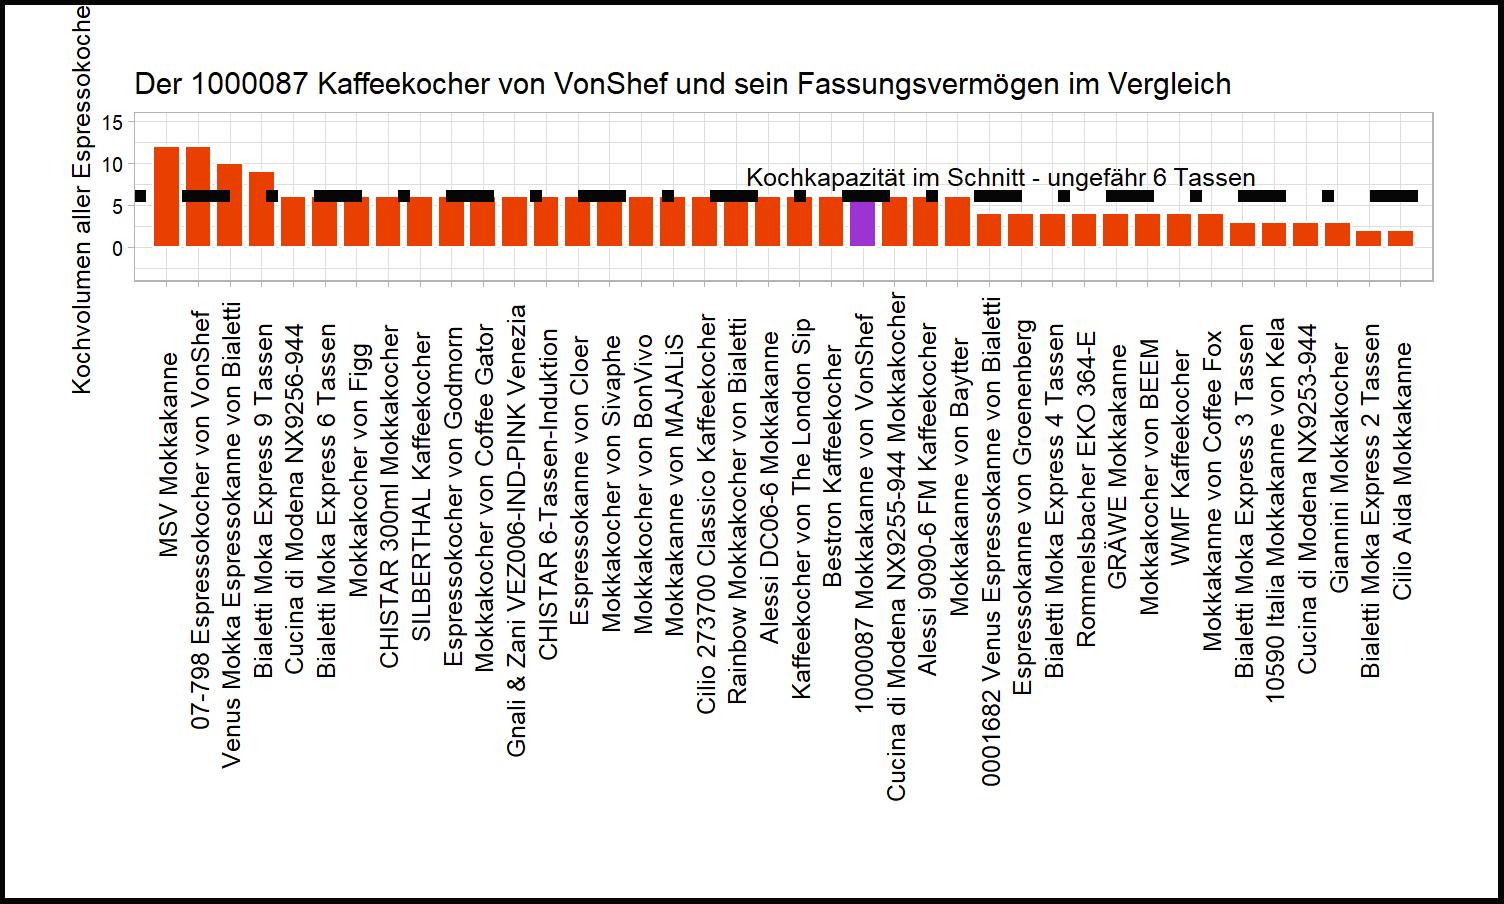 Kochvolumen-Vergleich von dem VonShef Kaffeekocher 1000087